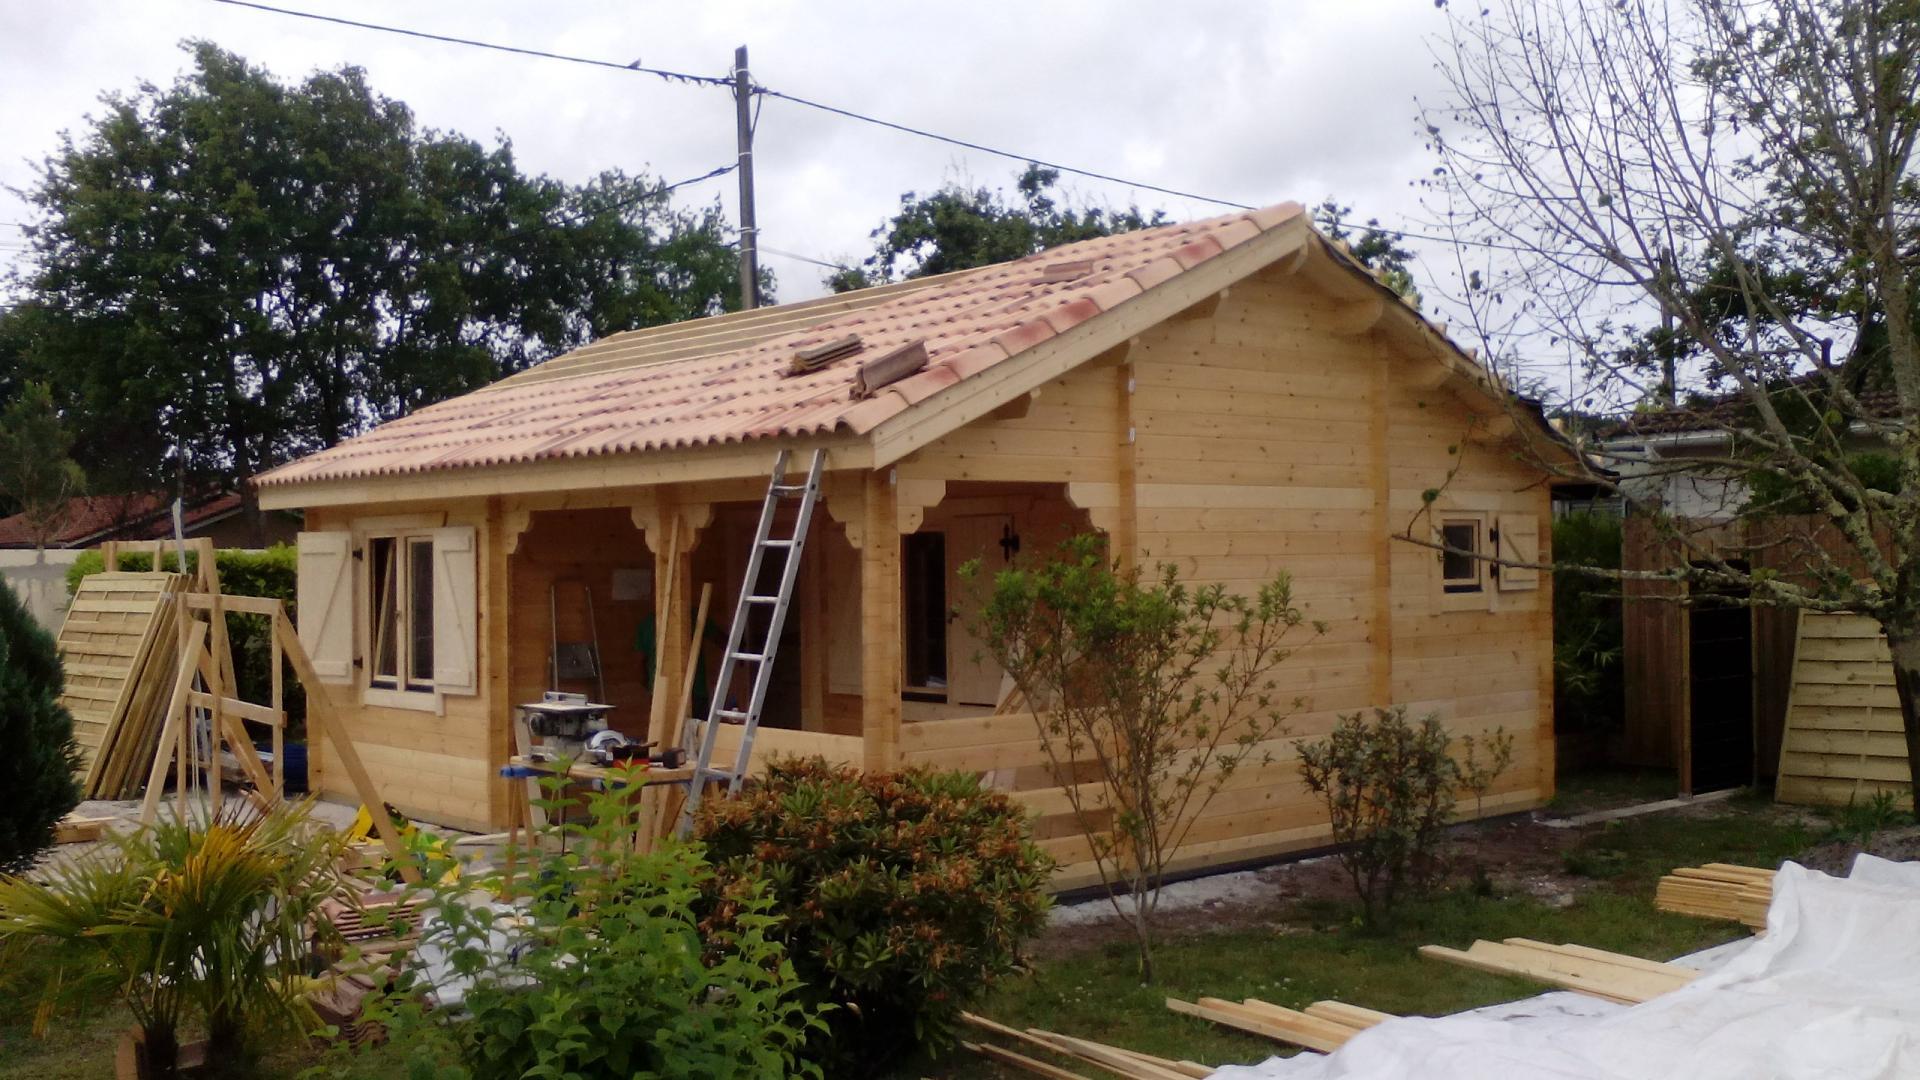 Fabricant Constructeur De Kits Chalets En Bois Habitables - Stmb concernant Cabane De Jardin Occasion